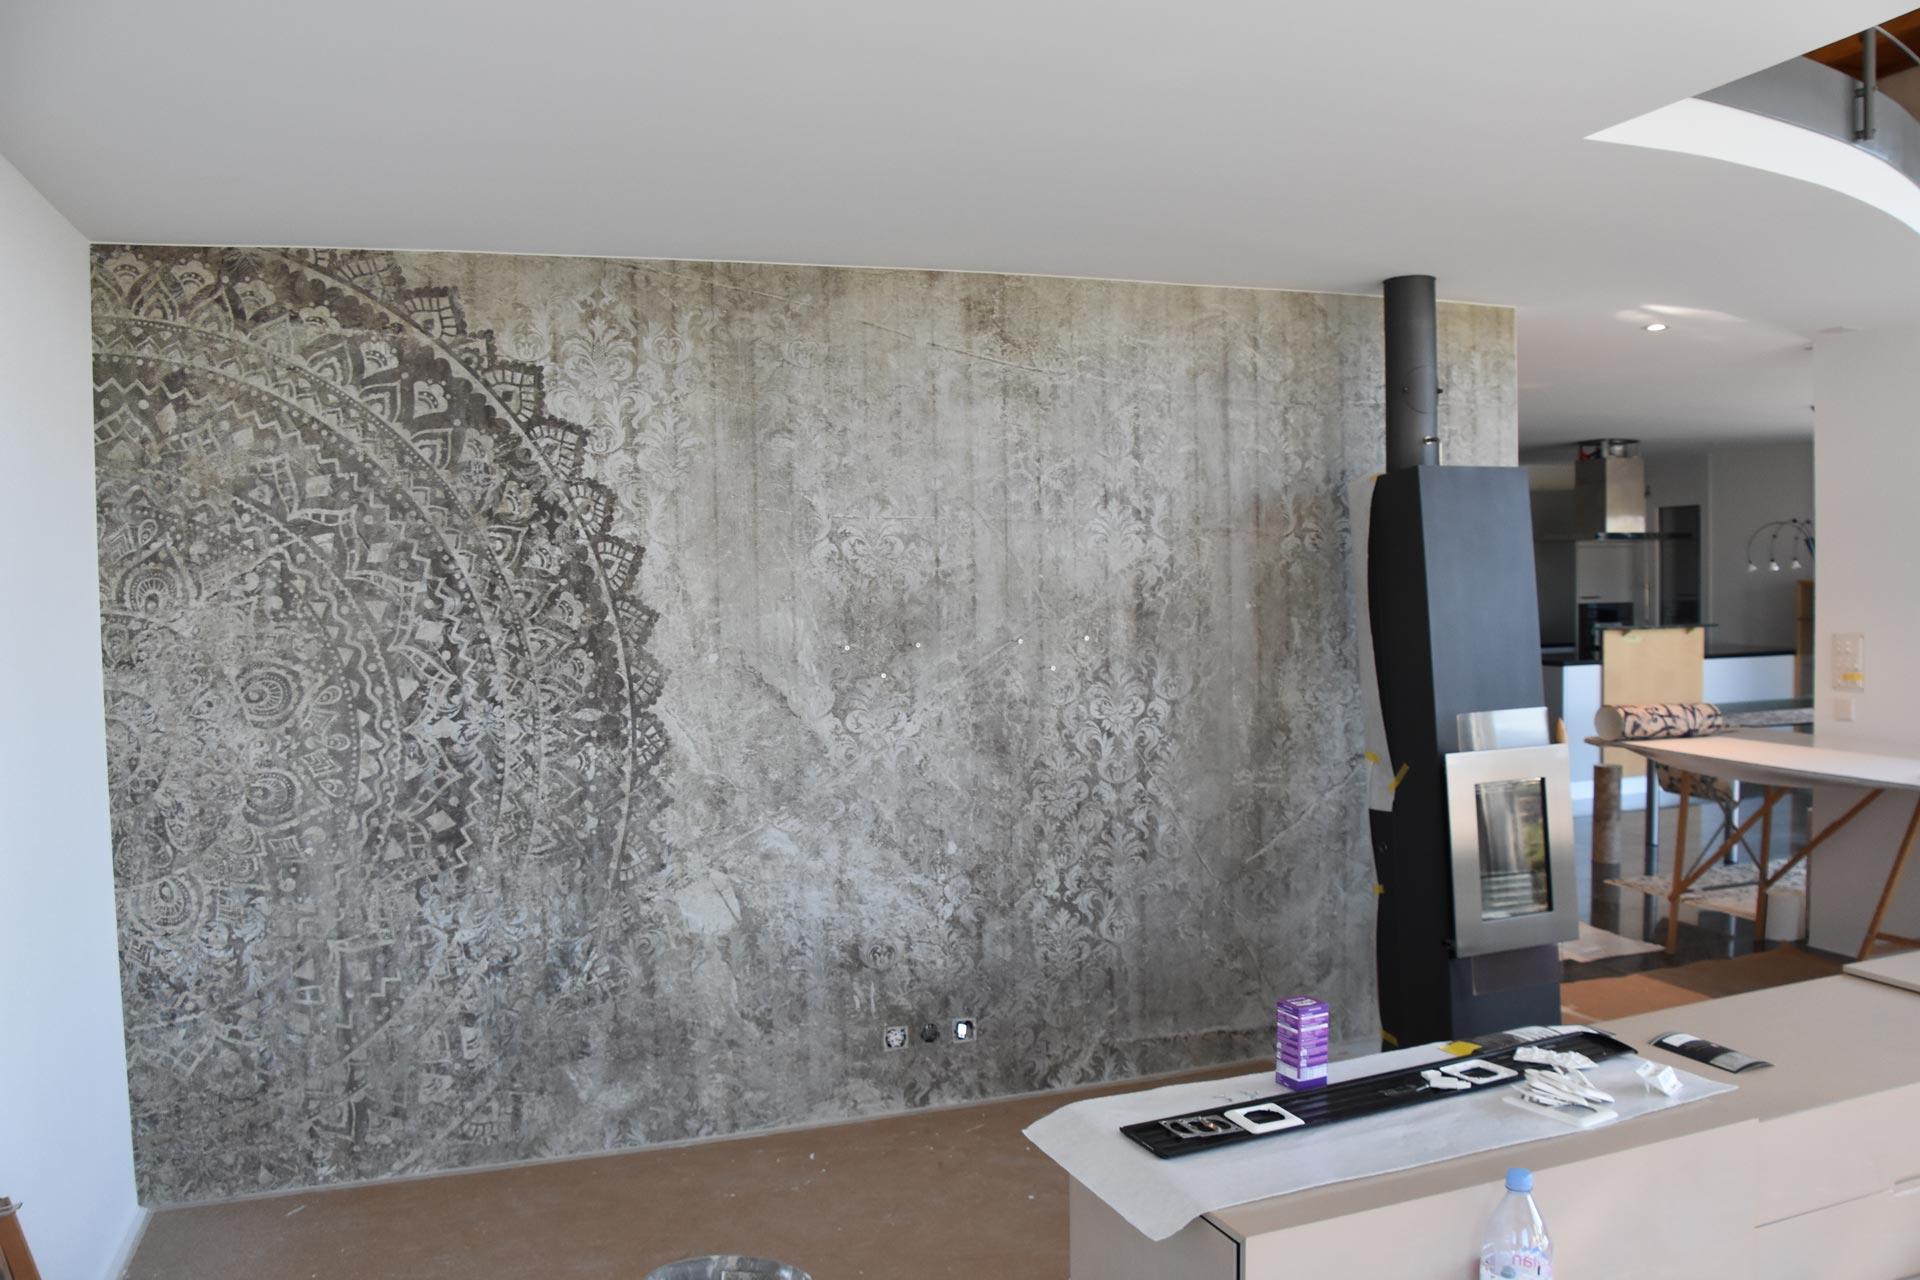 Tapezierarbeiten | Wagner Maler GmbH | Seeland